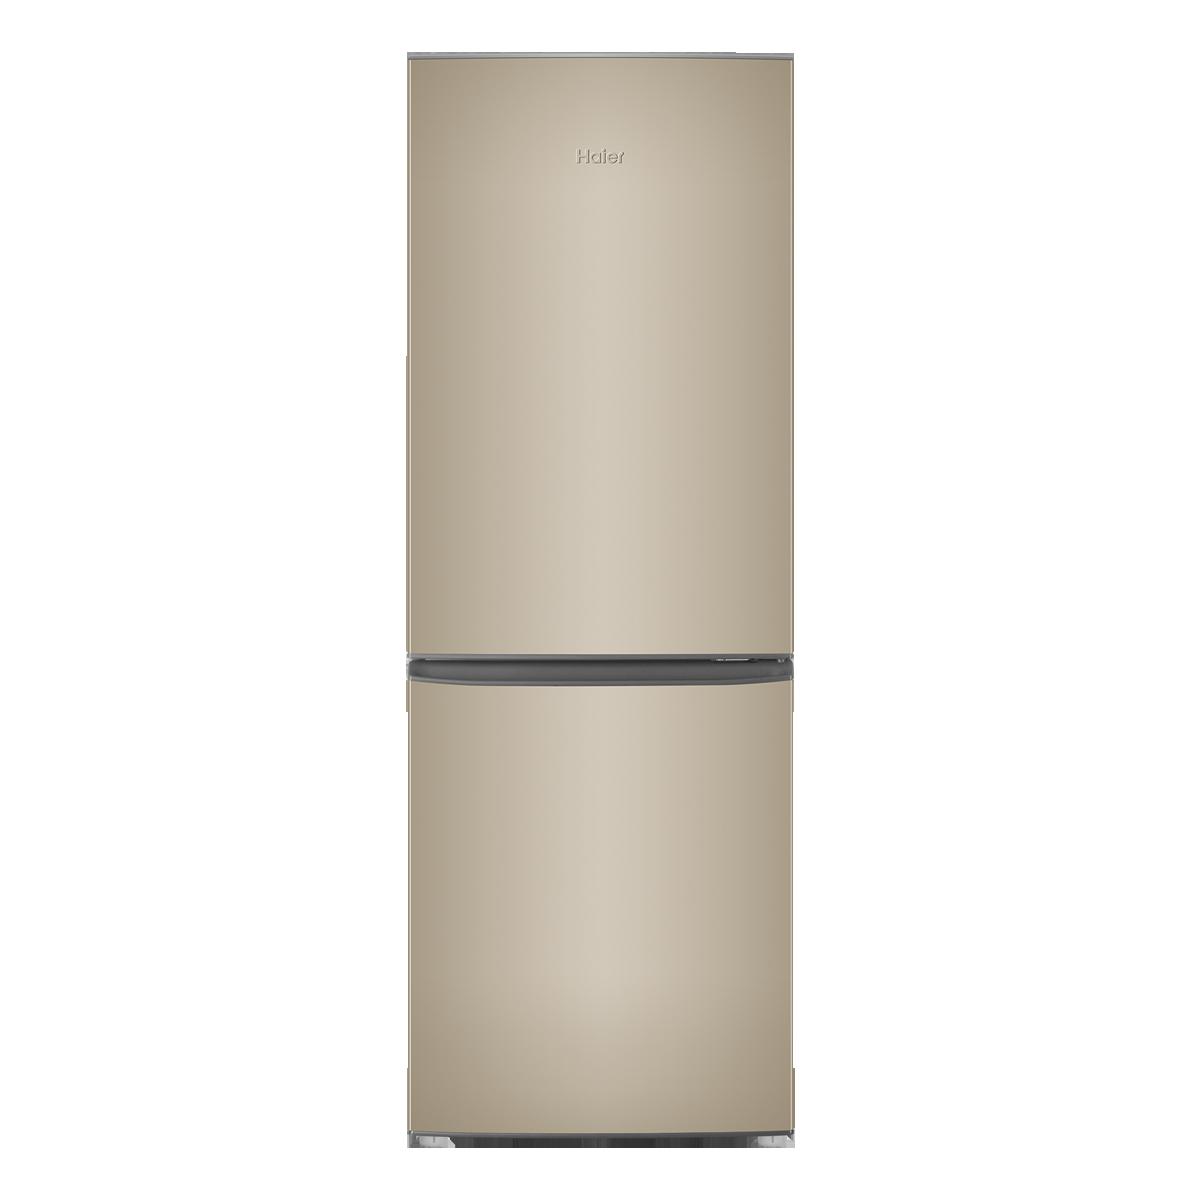 海尔Haier冰箱 BCD-178TMPT 说明书